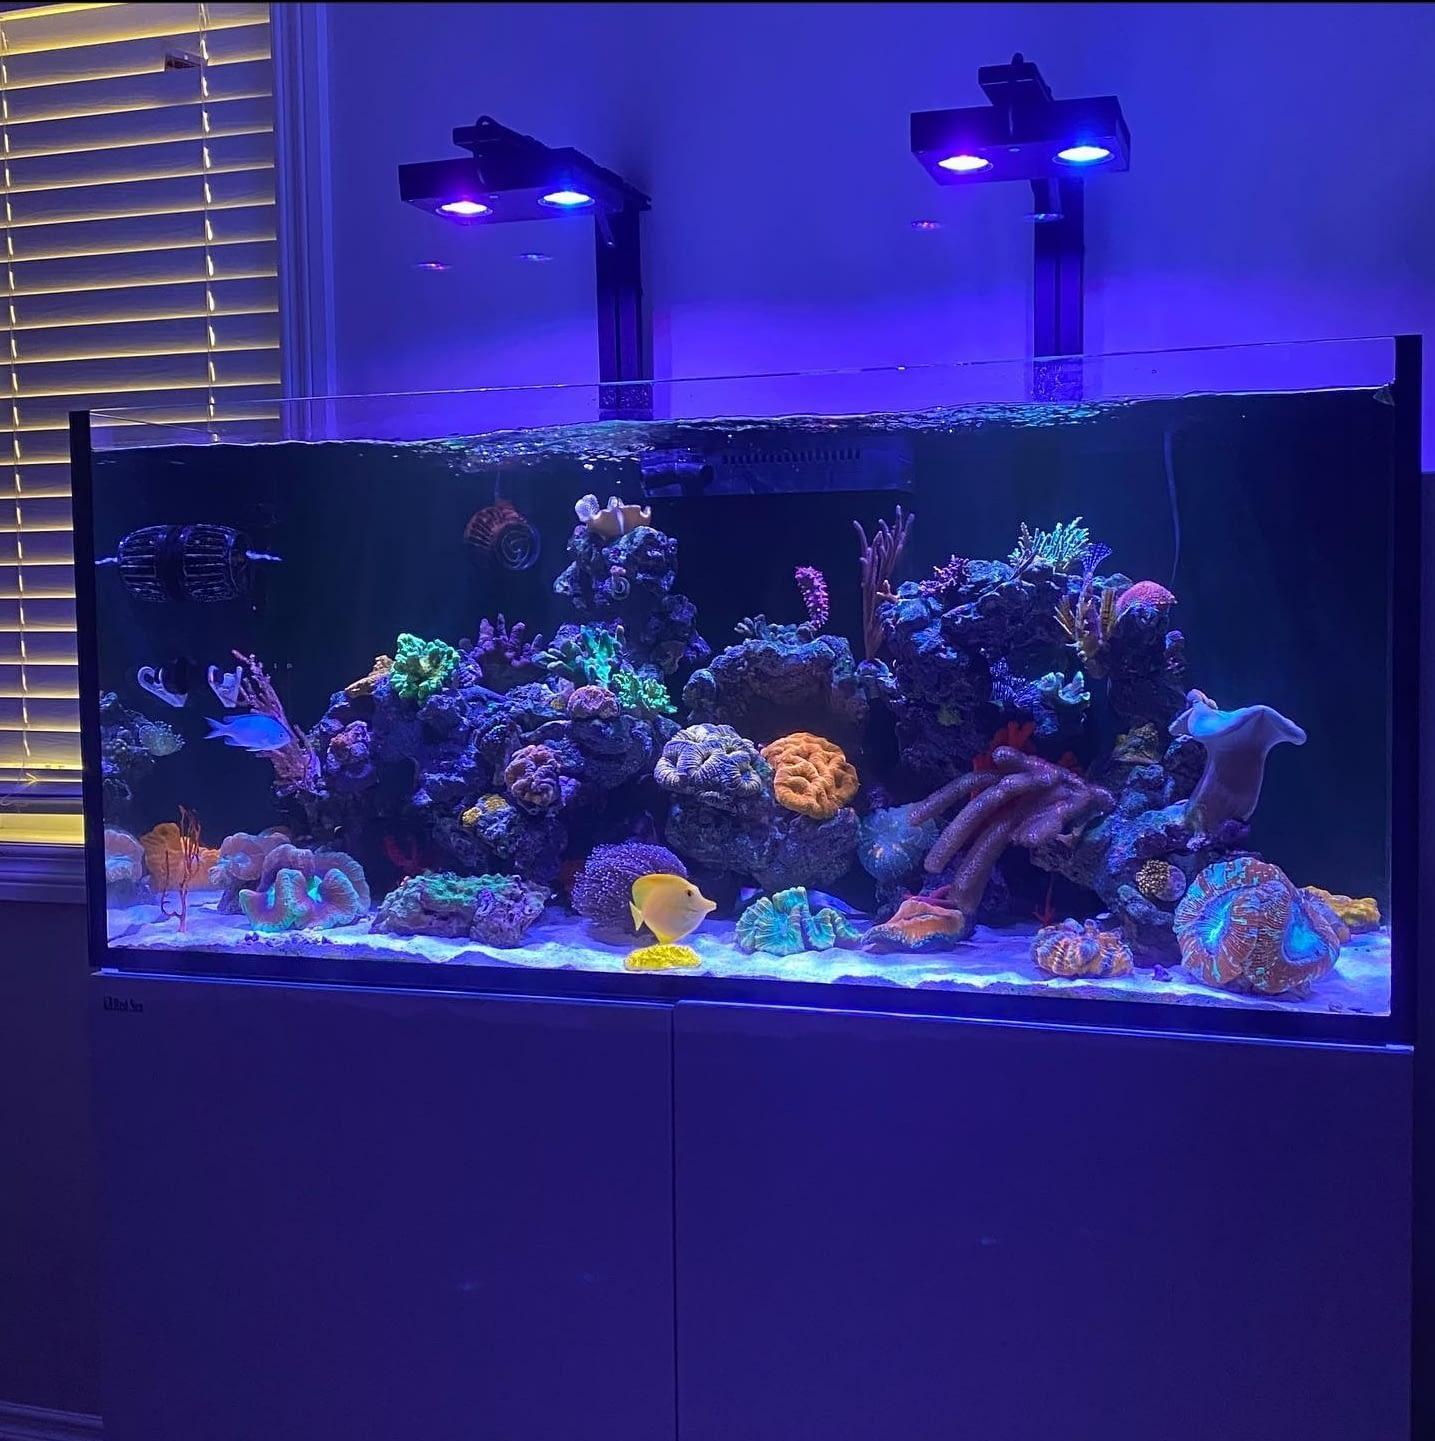 Beautiful Aquarium with Fish